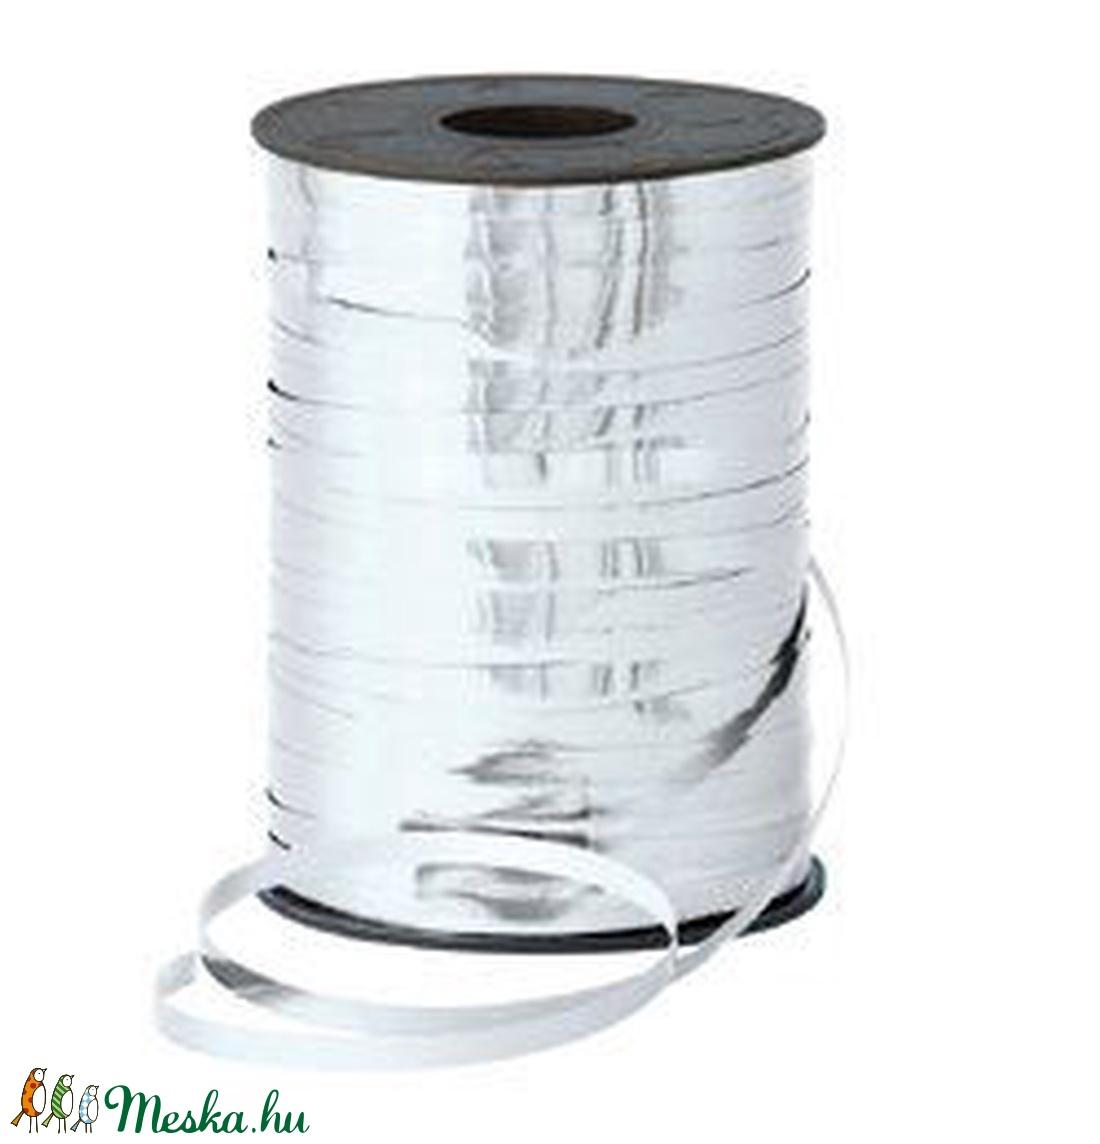 Kötözőszalag (5 mm/10 m) - metál ezüst (csimbo) - Meska.hu